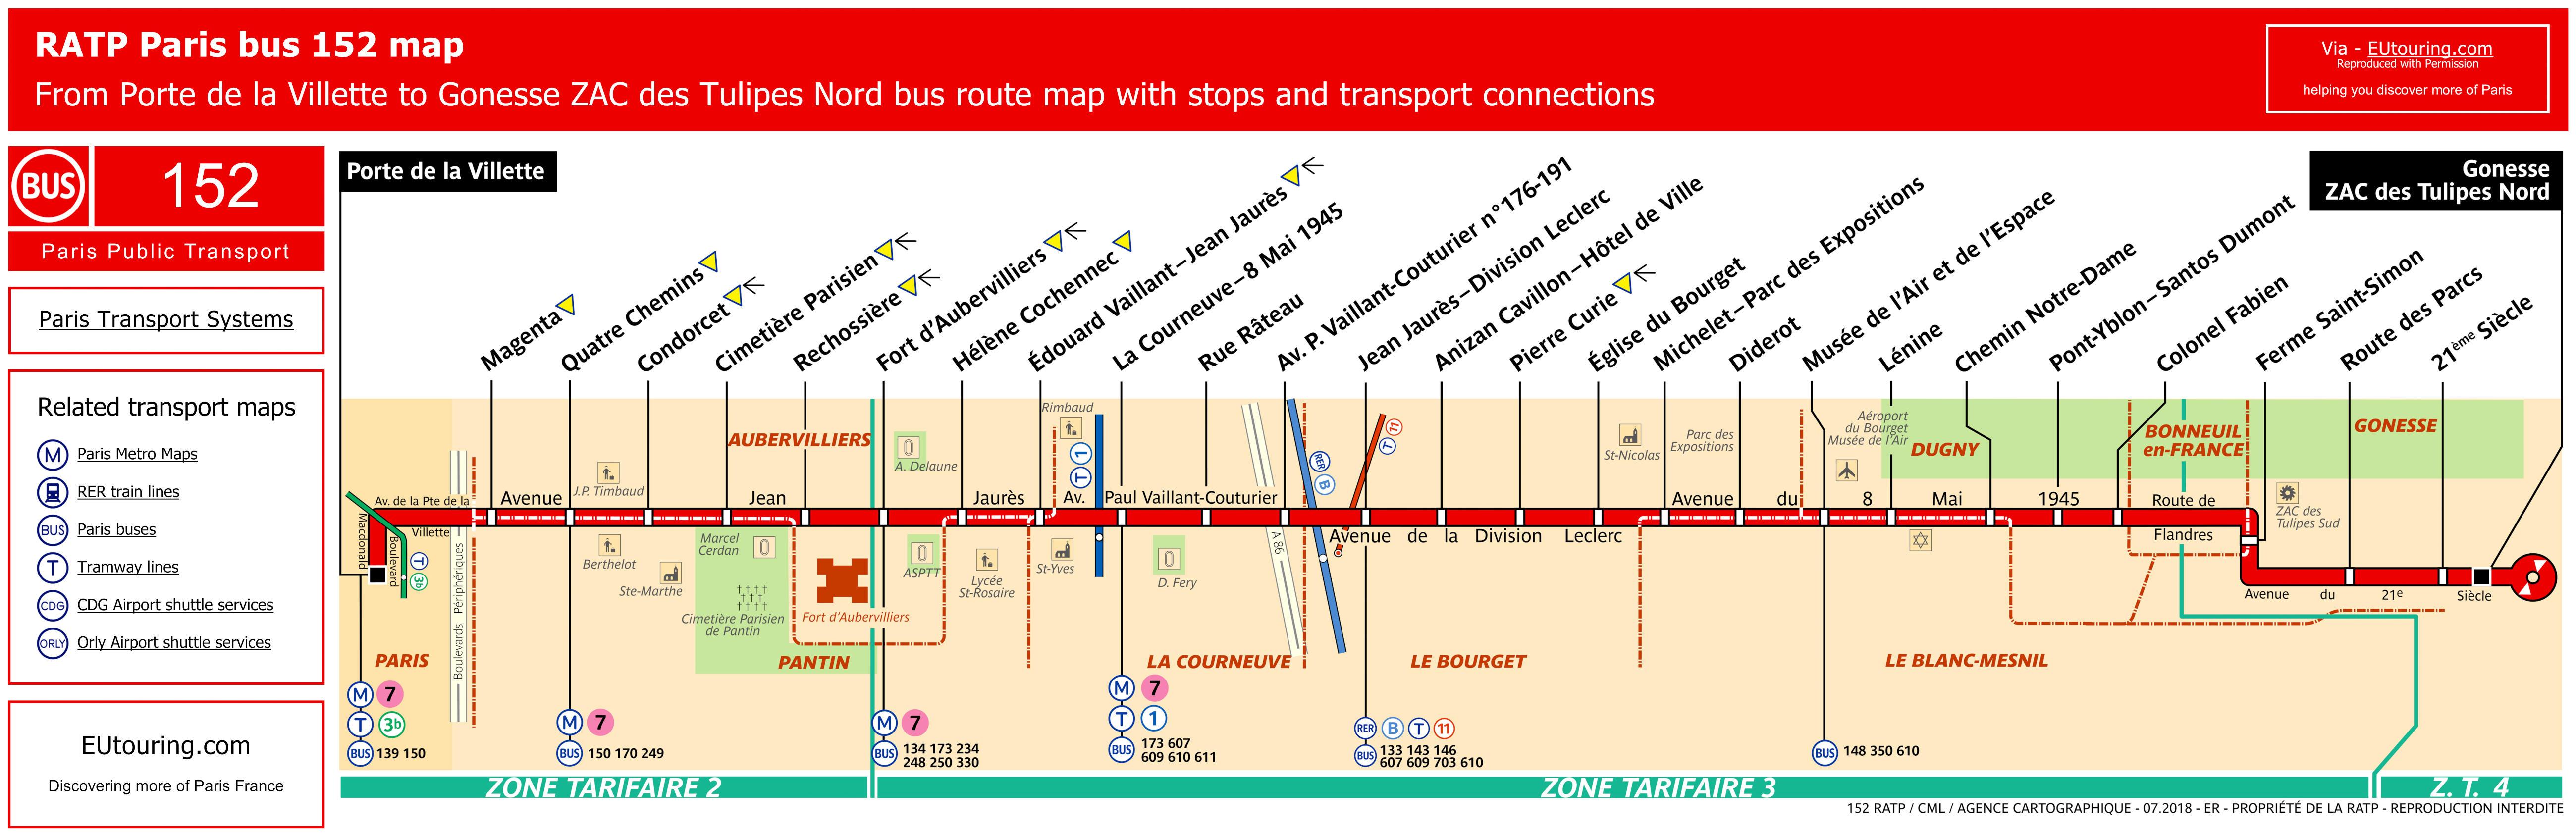 Bus Schedules In Paris Maps RatpfrParis Bus Map Paris Bus NetworkHow - Bus map paris france